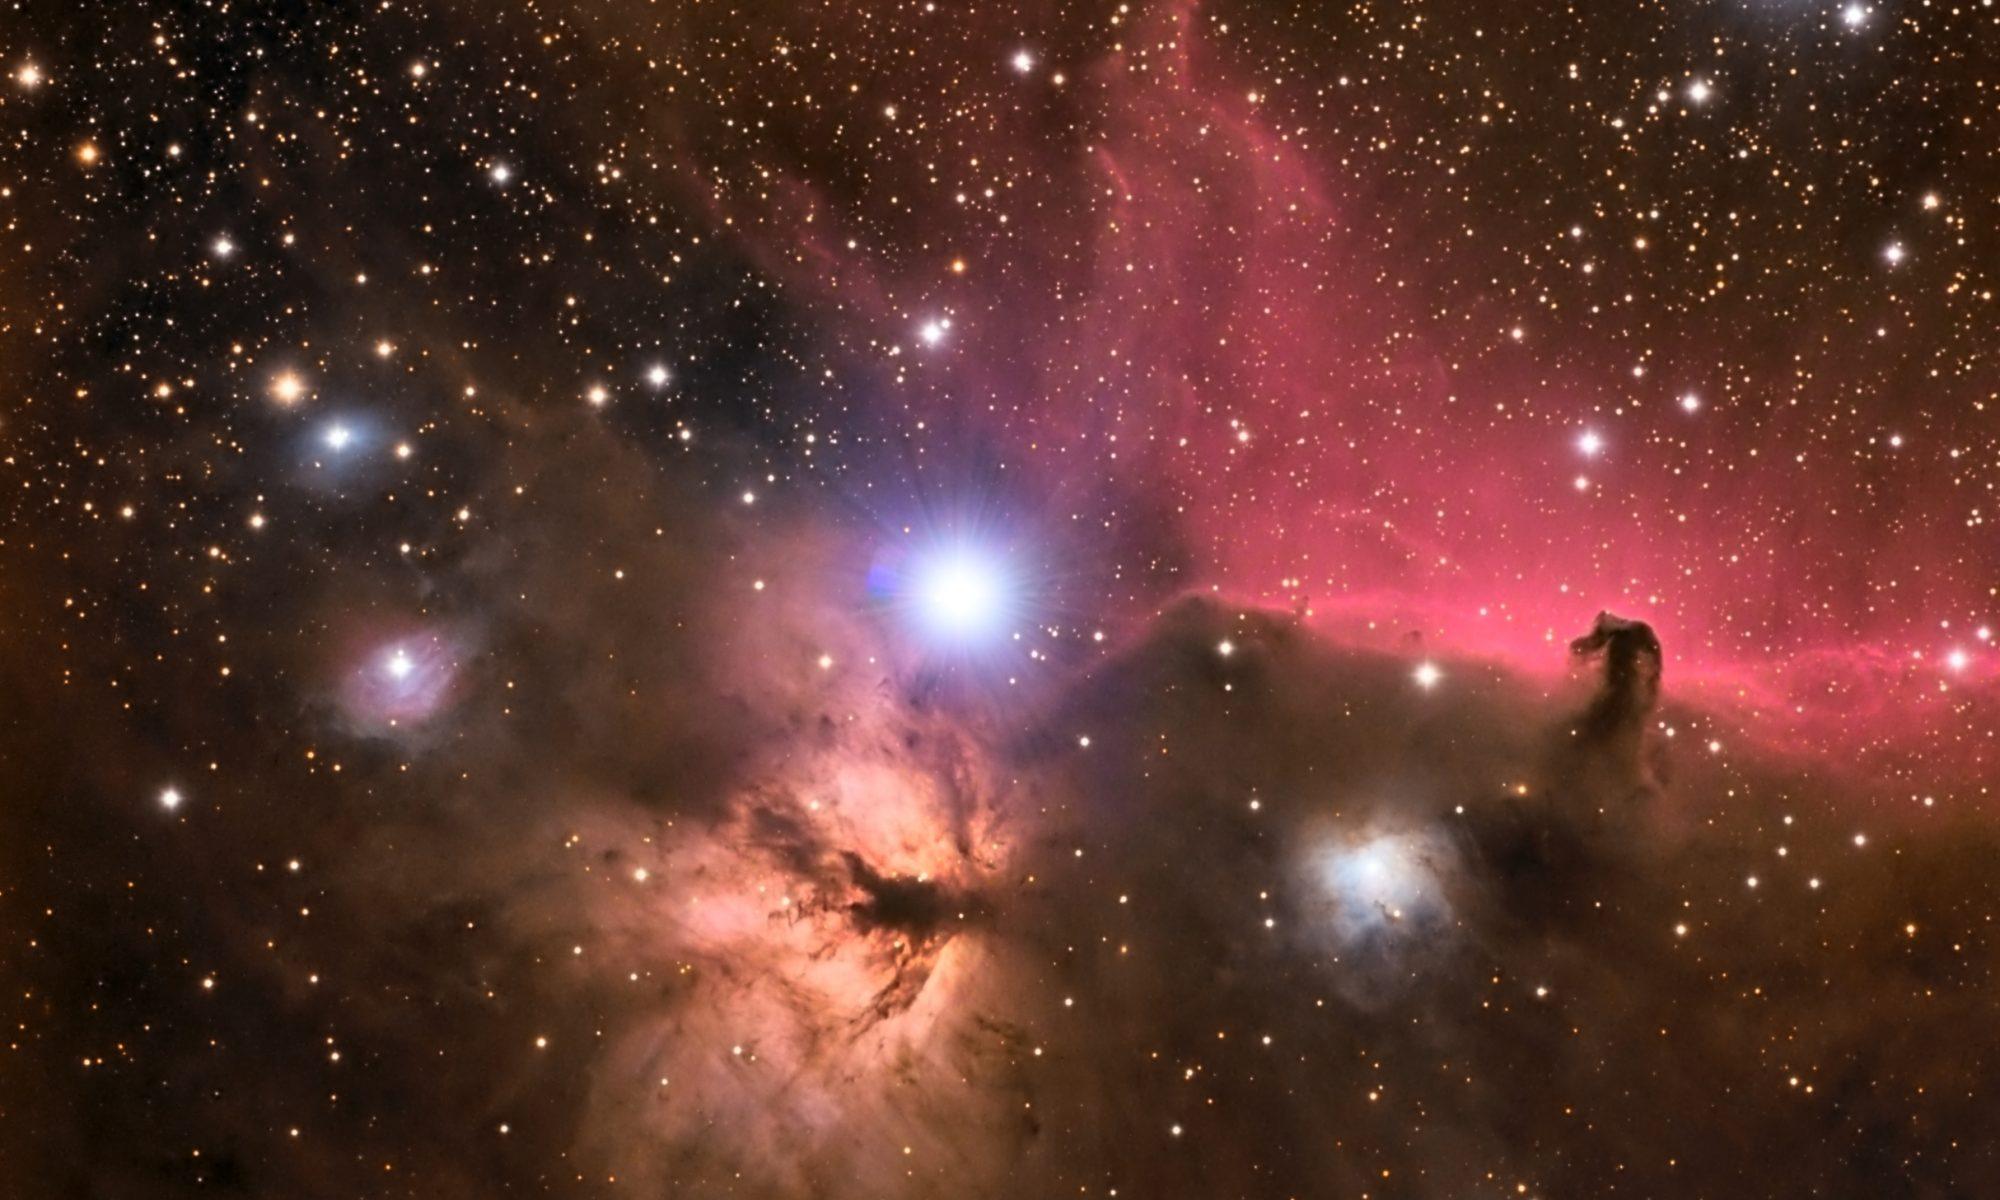 La estrella Alnitak, una de las estrellas del cinturón de Orión, y sus alrededores, incluyendo la Nebulosa de la Llama y la Nebulosa de Cabeza de Caballo.